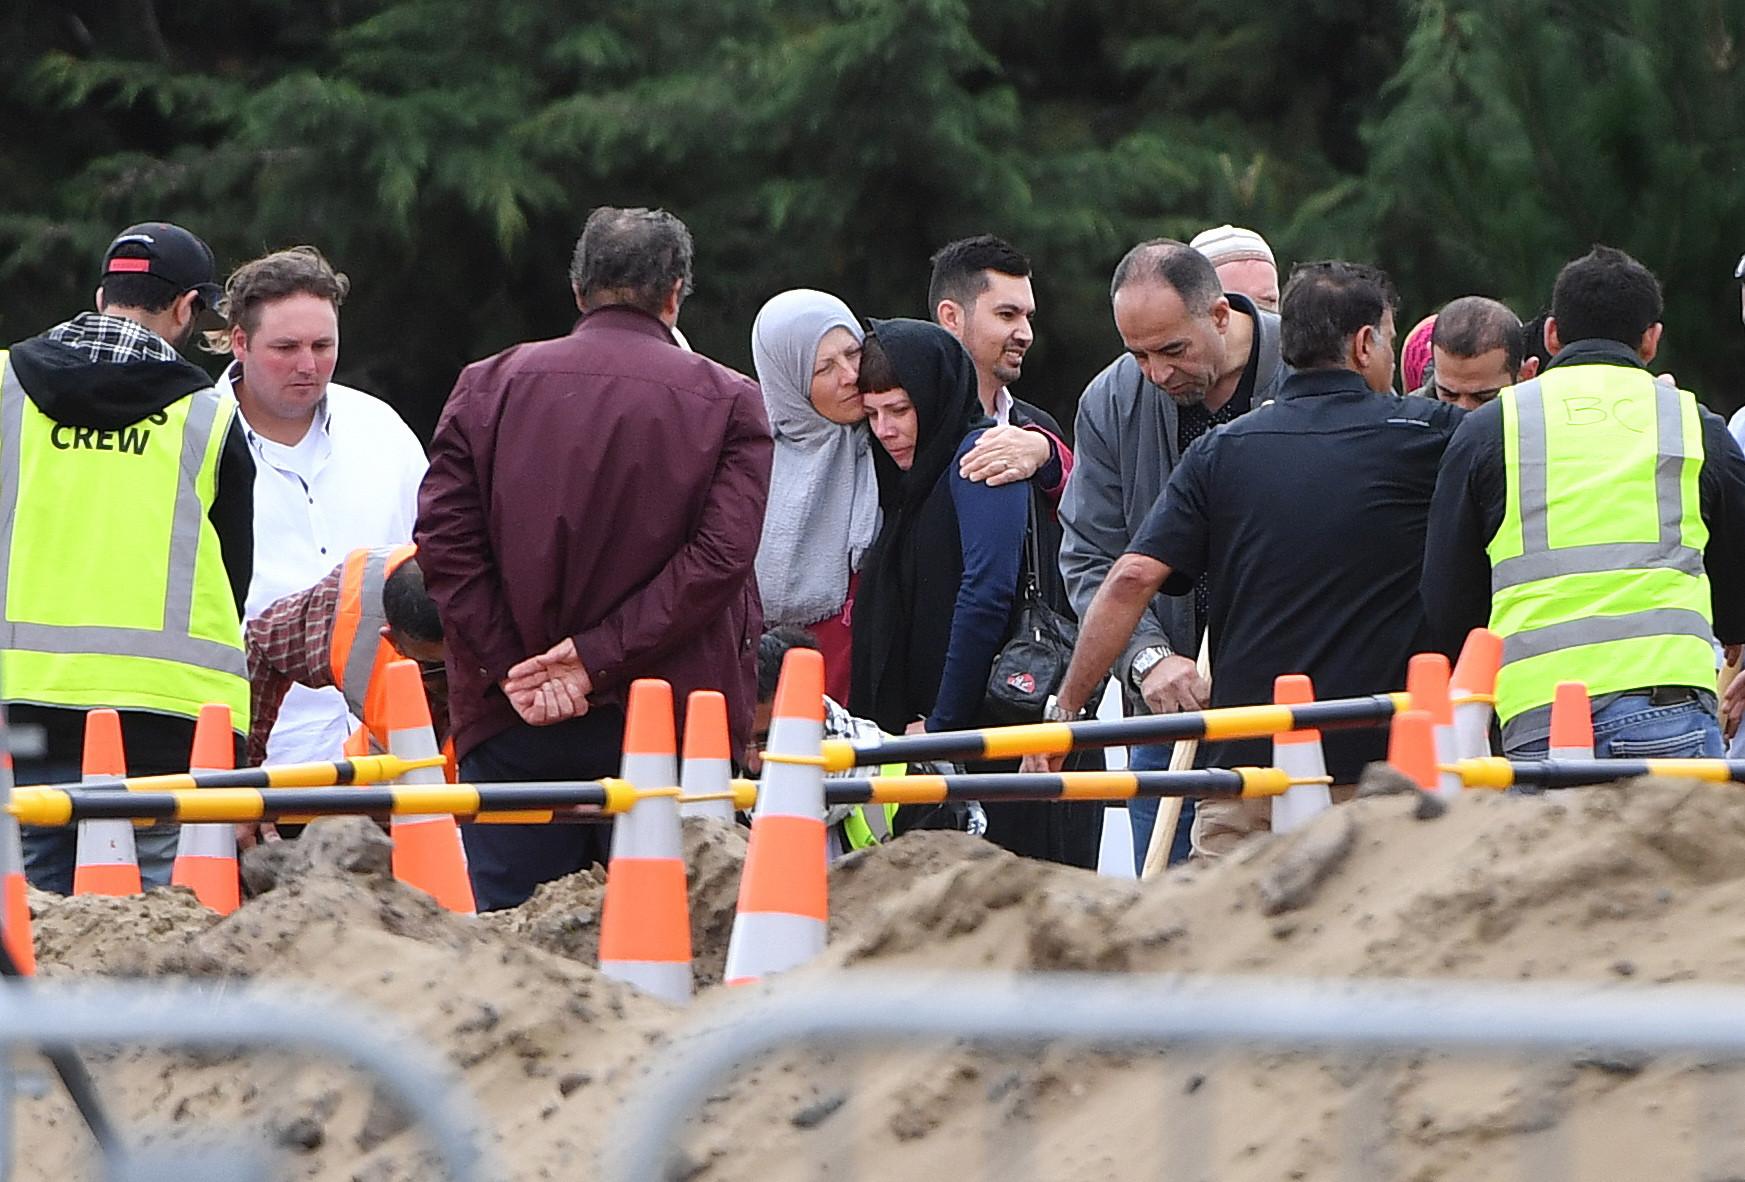 Já foram identificadas as 50 vítimas mortais de ataque na Nova Zelândia